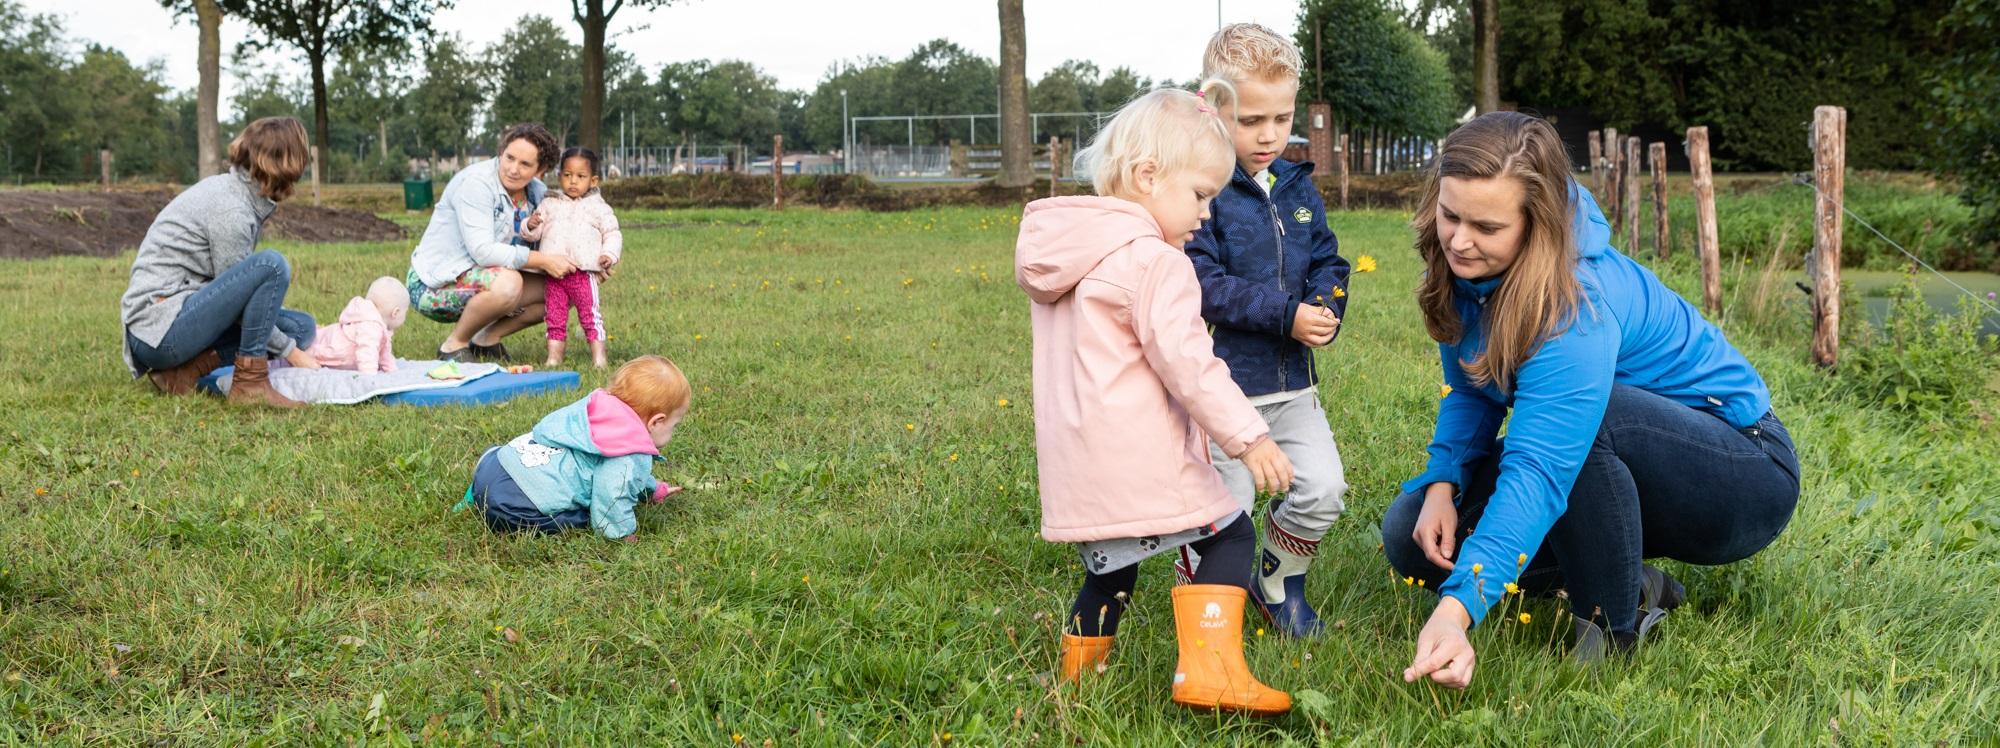 Buiten spelen in het gras